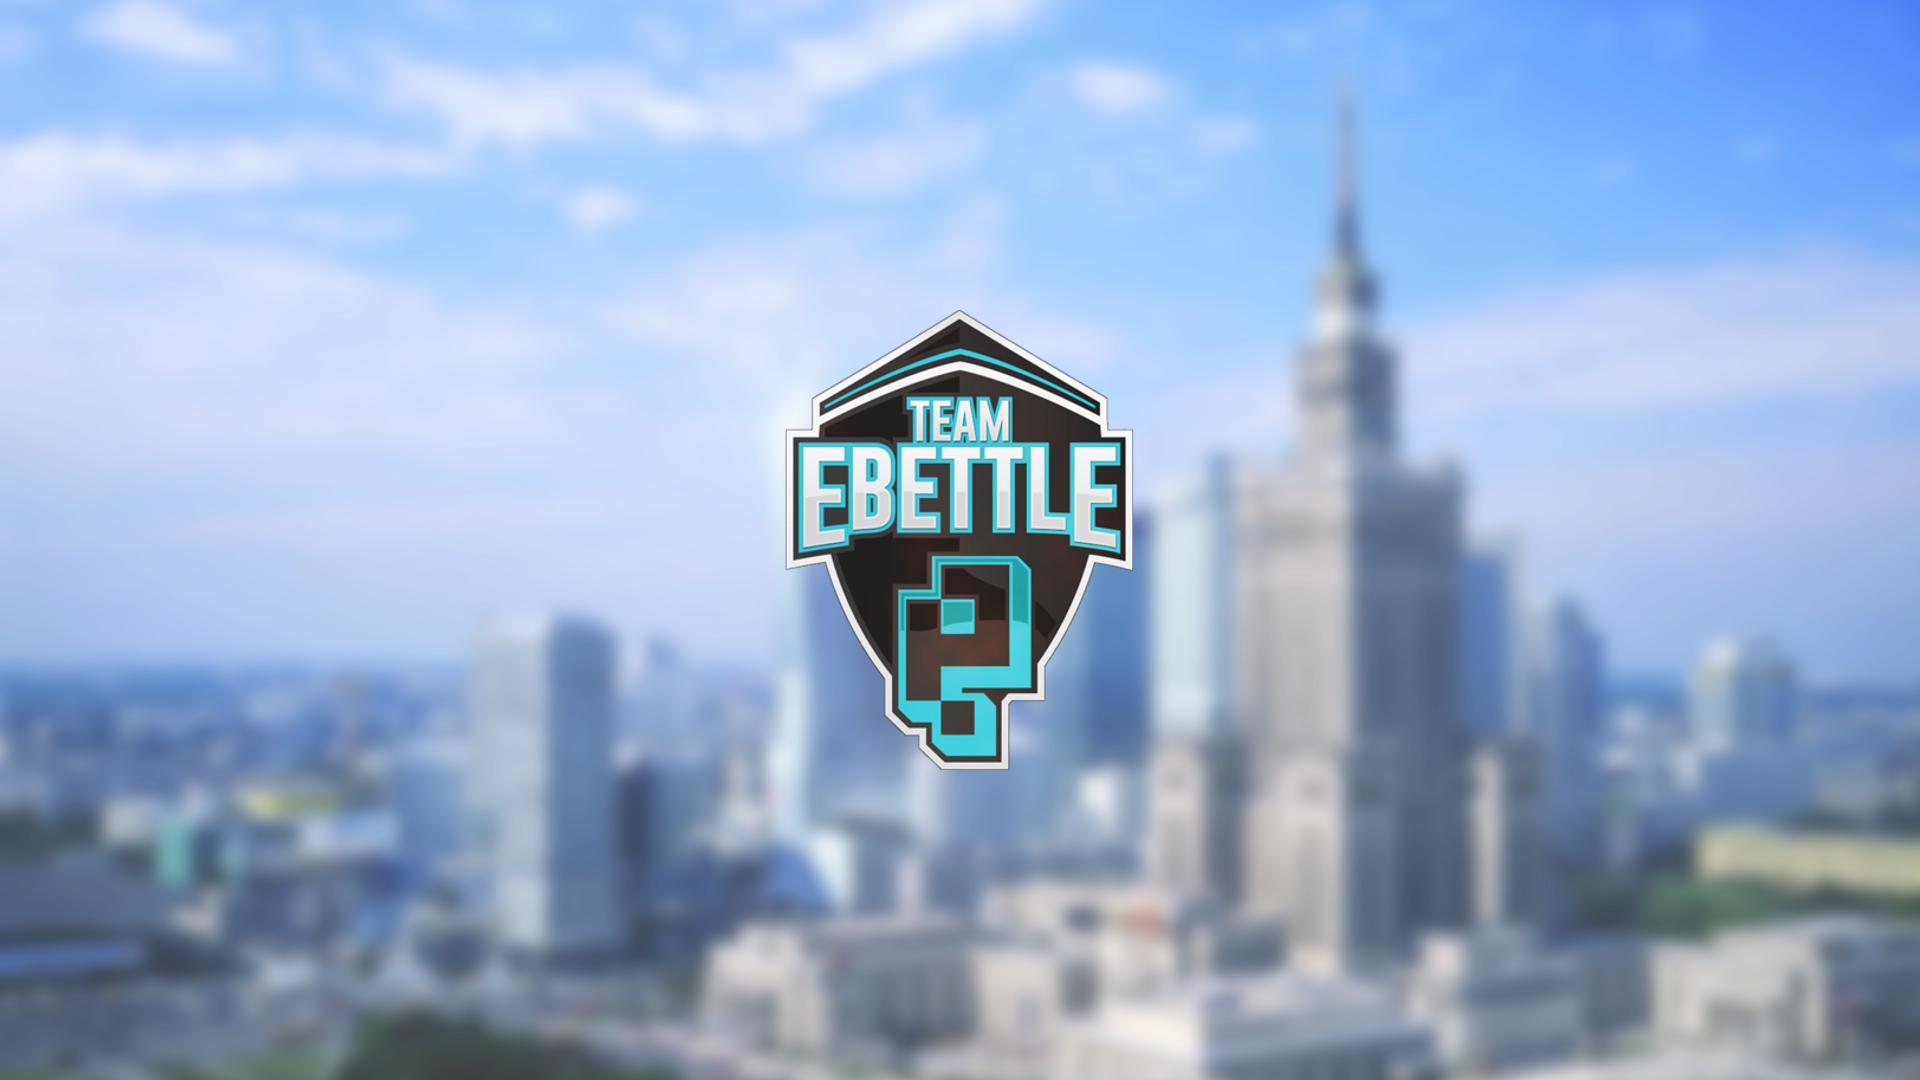 Team eBettle / Warsaw